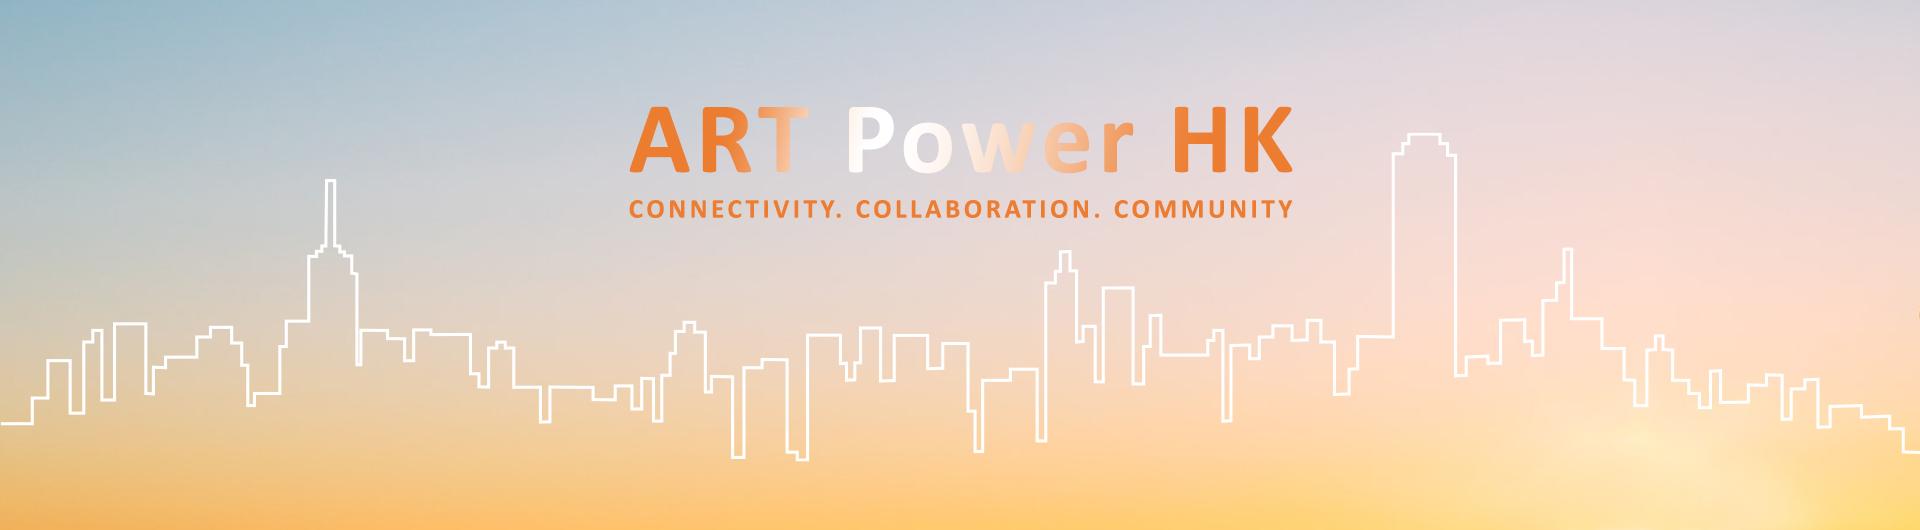 ART Power HK 2020